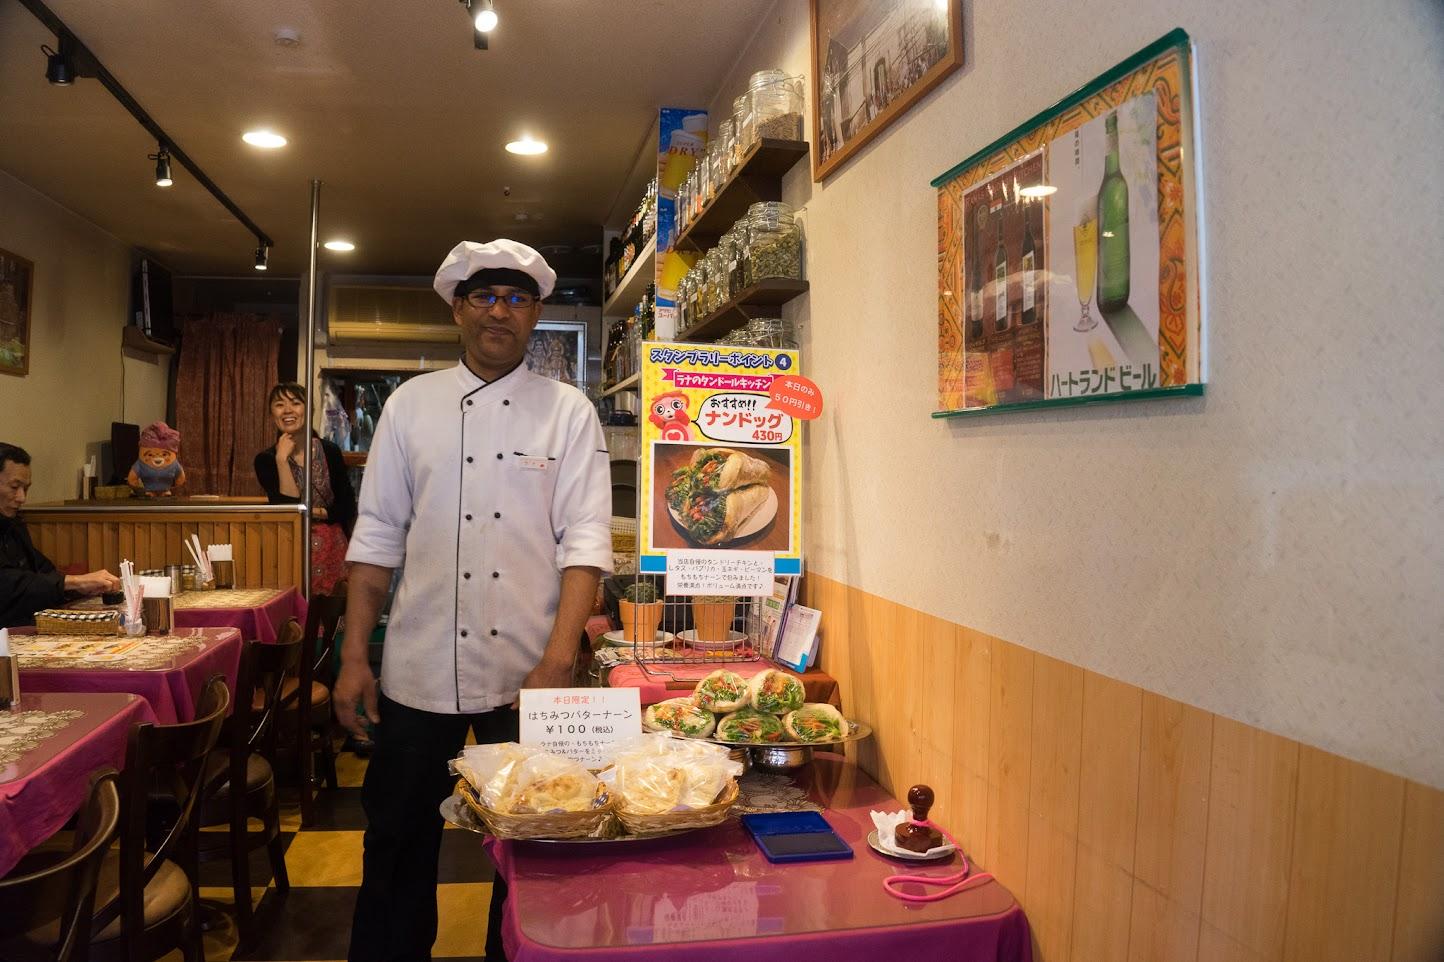 4 ノン子@ラナのタンドールキッチン